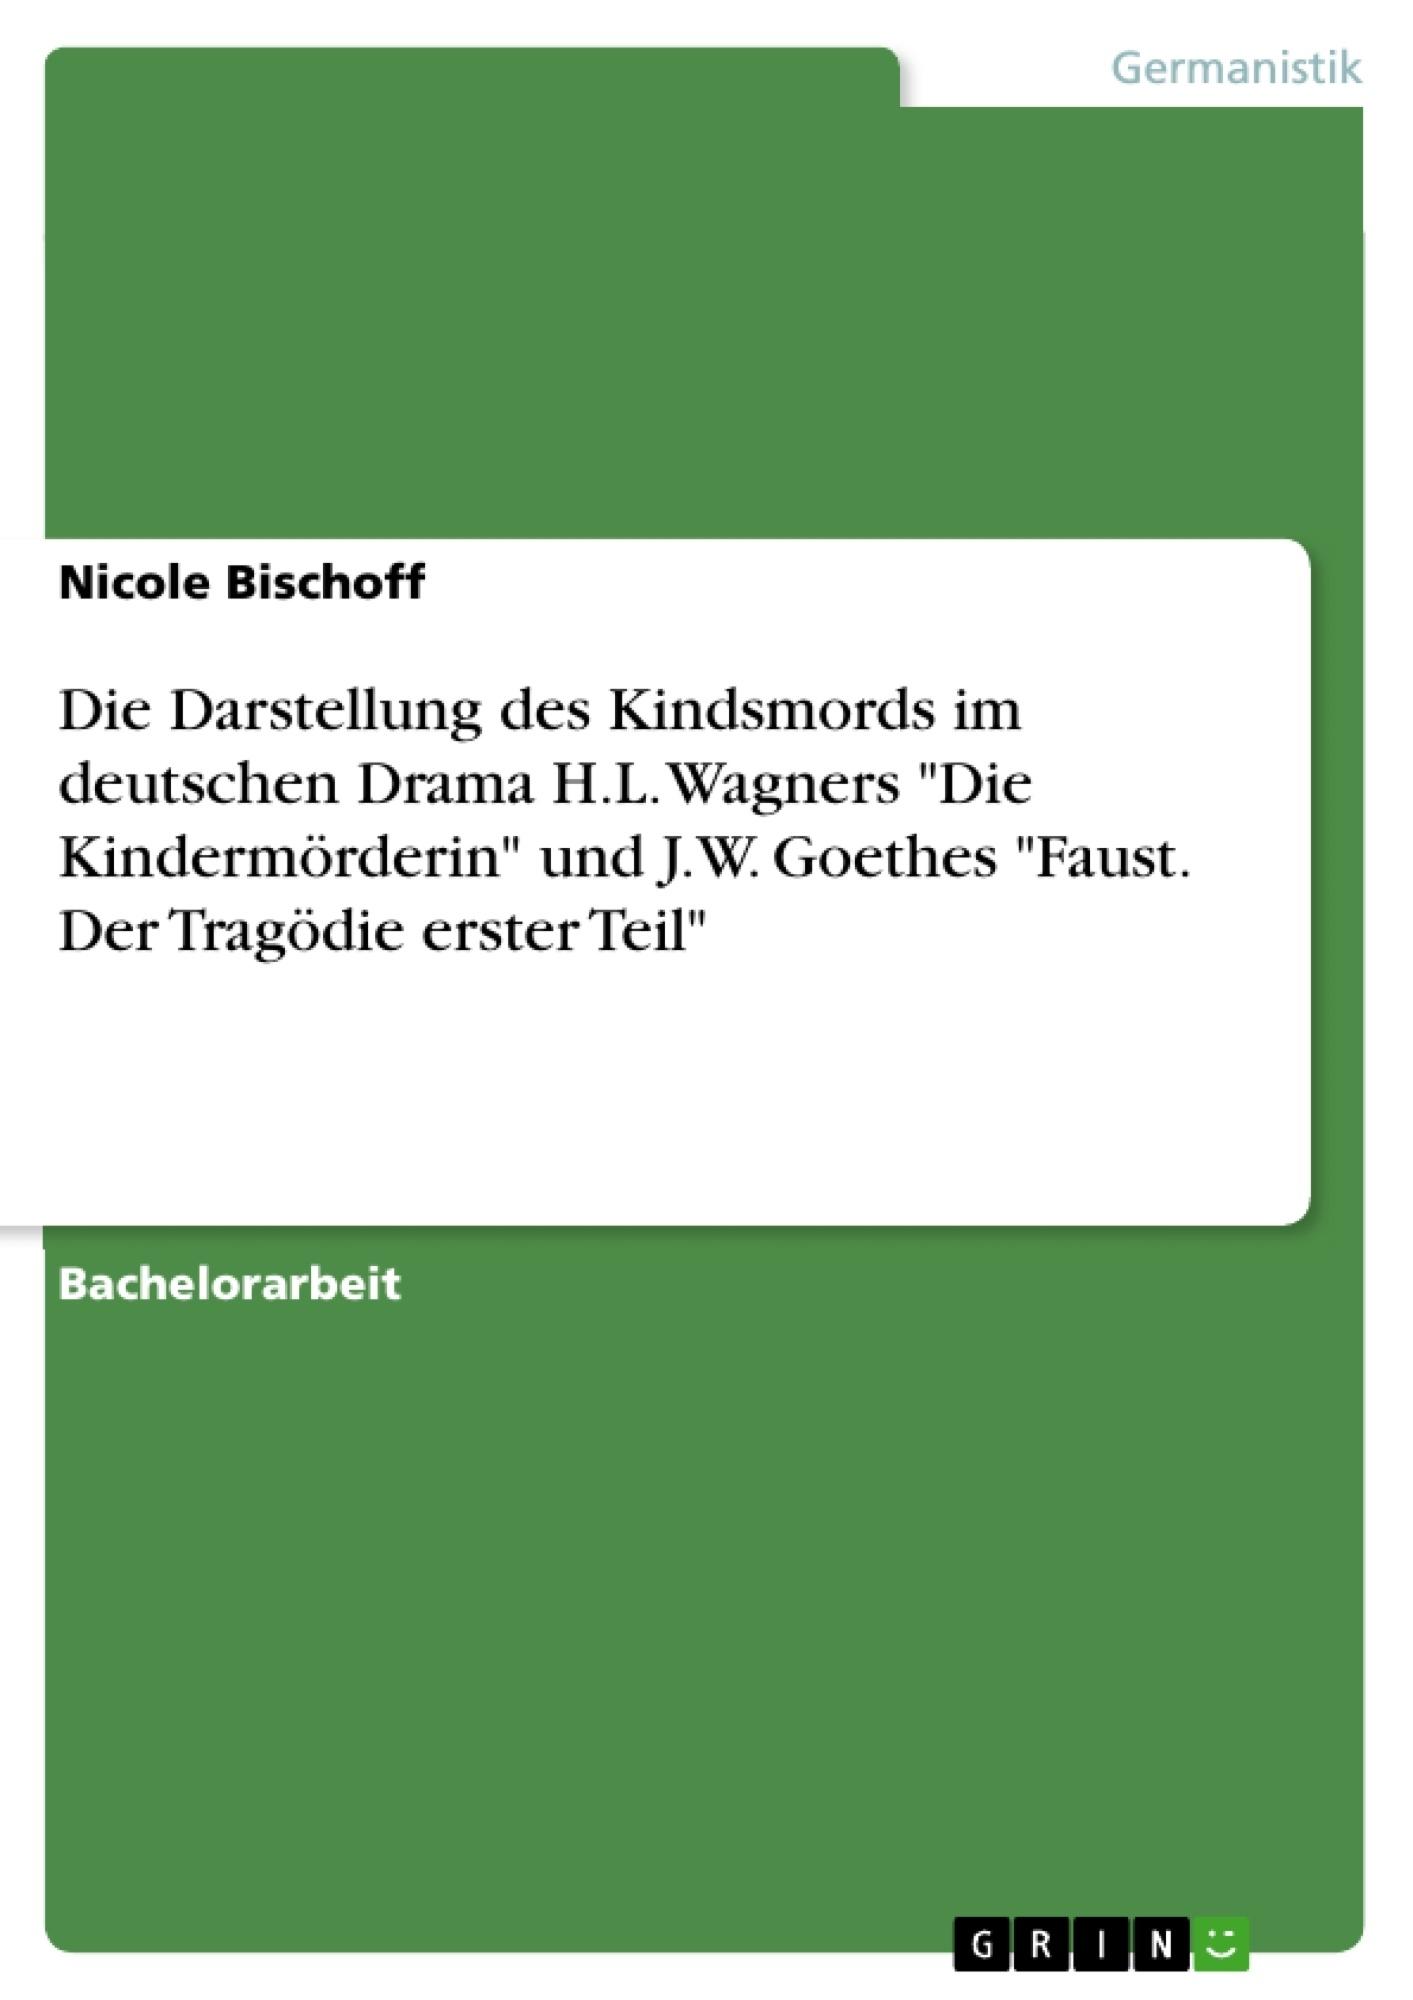 """Titel: Die Darstellung des Kindsmords im deutschen Drama H.L. Wagners """"Die Kindermörderin"""" und J.W. Goethes """"Faust. Der Tragödie erster Teil"""""""